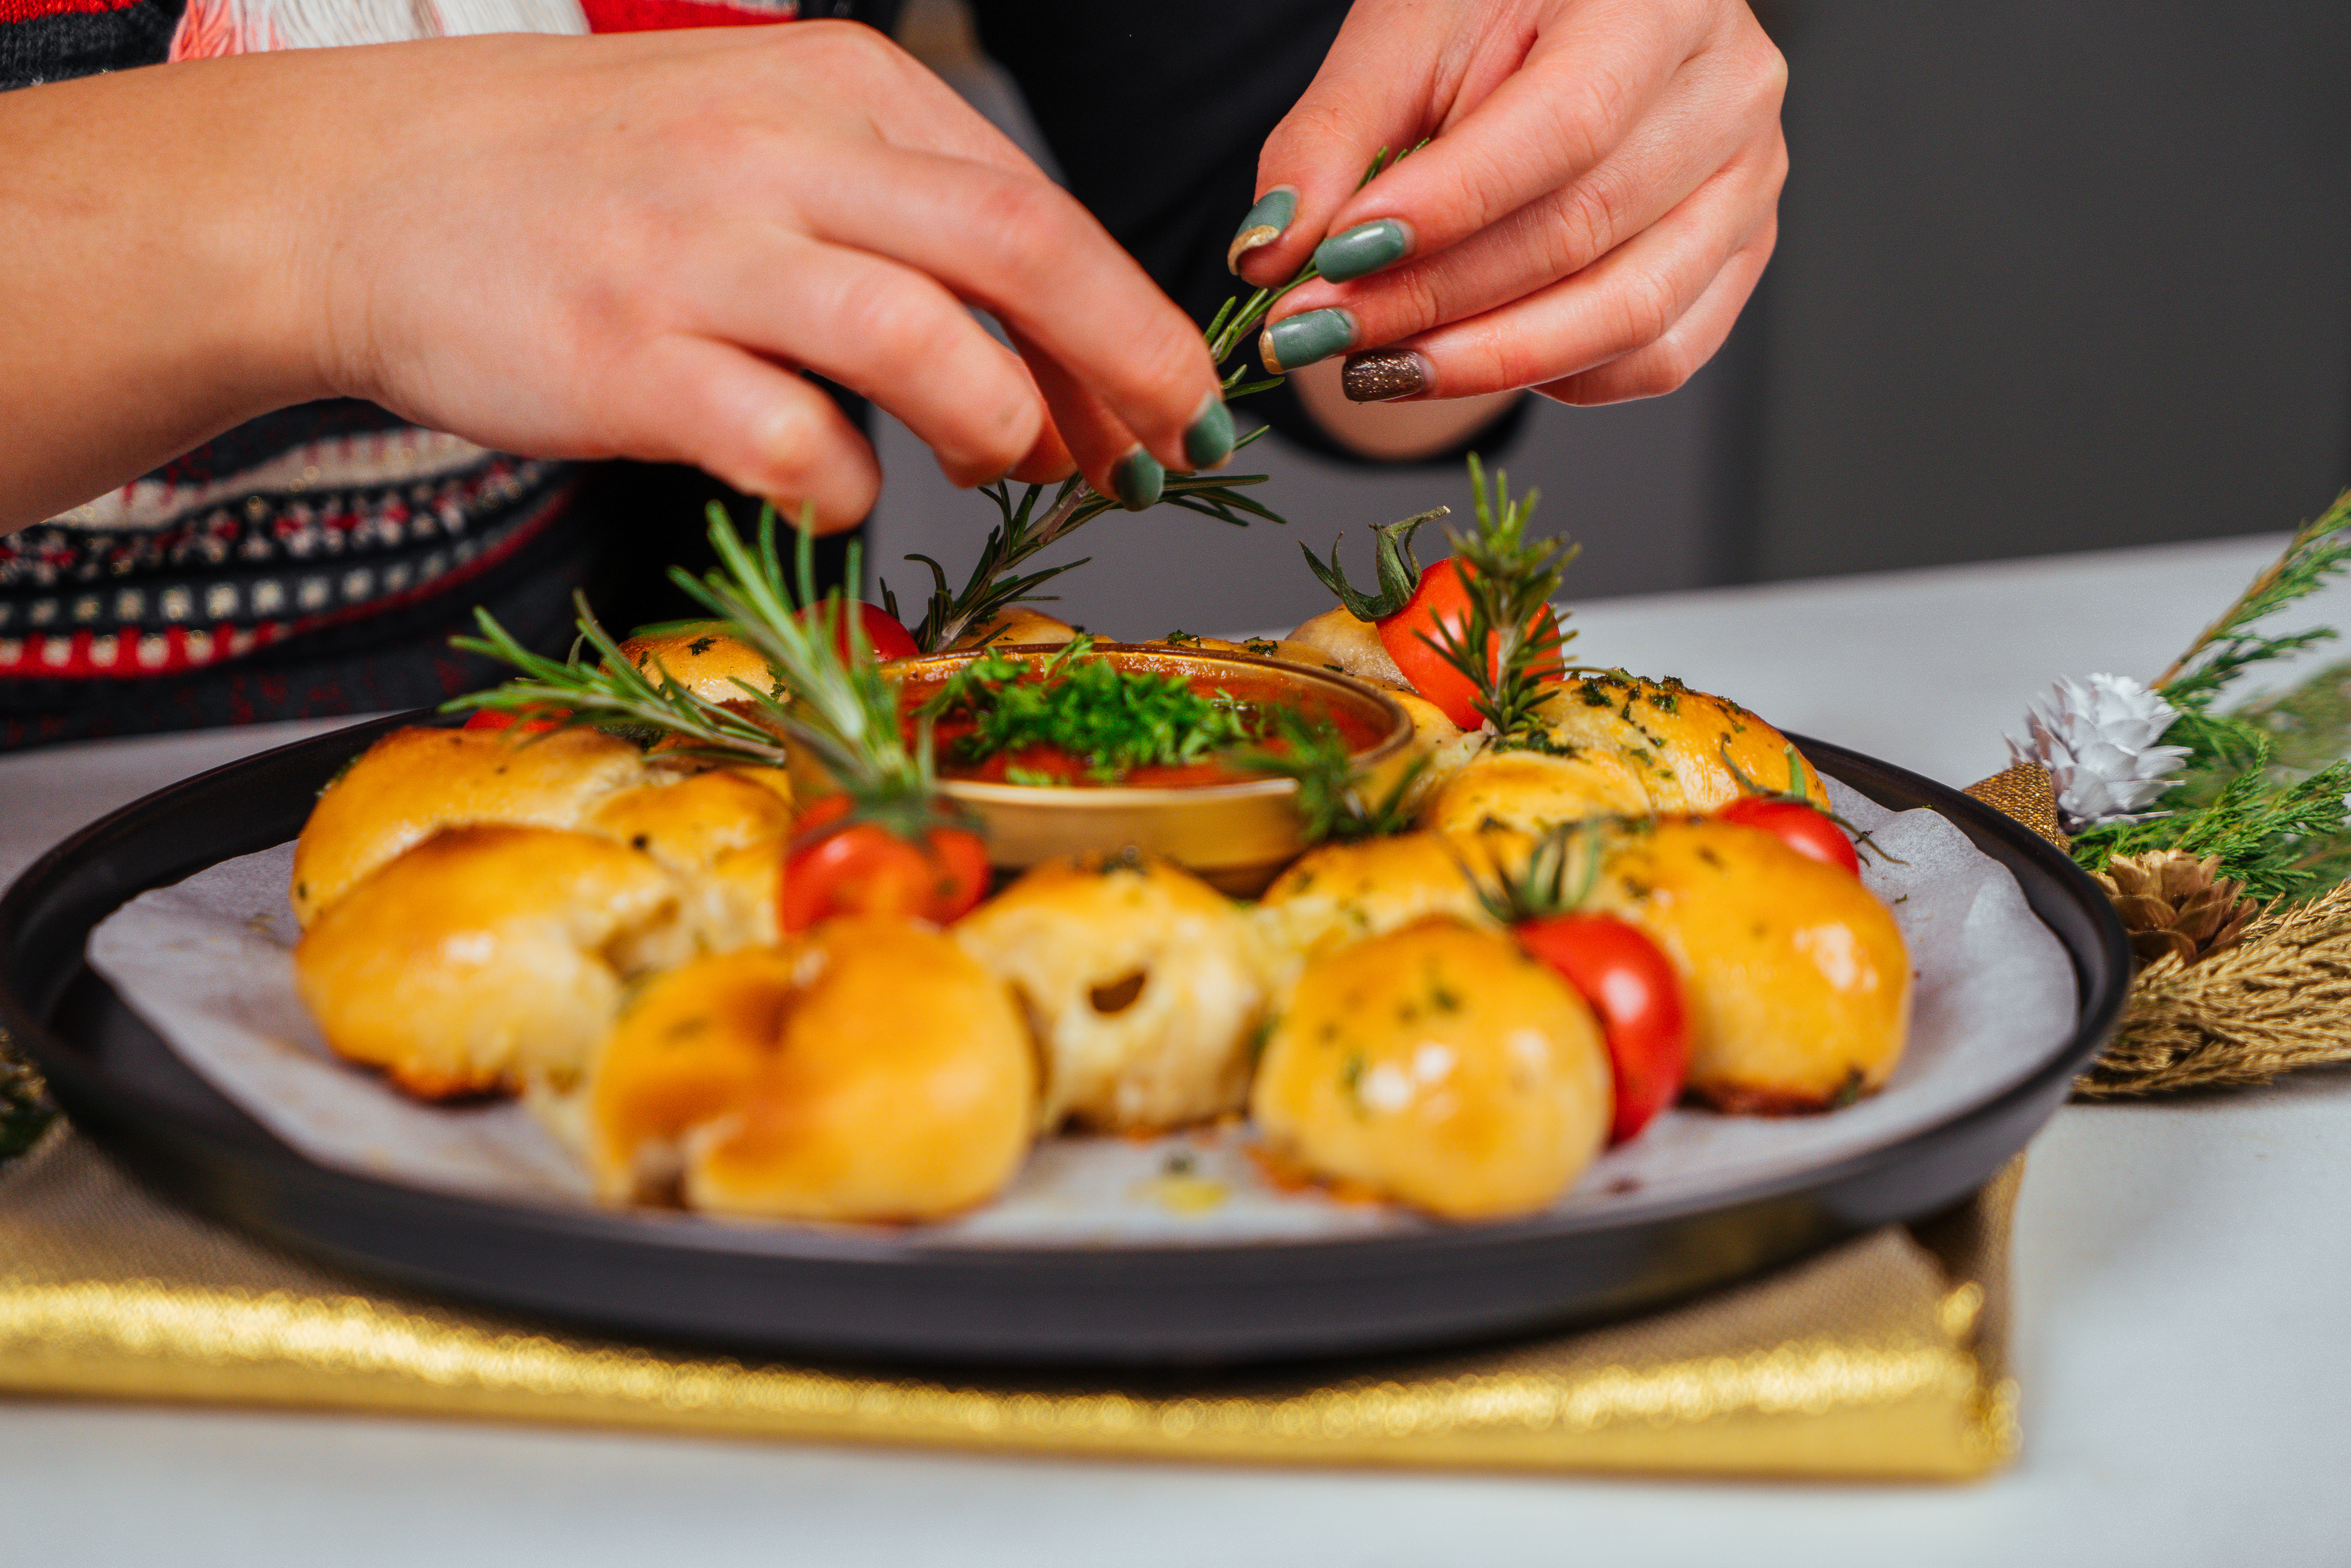 recetas caseras de pan navideño, mini panes de masa para pizza con salsa de tomates, romero fresco, tomates uva